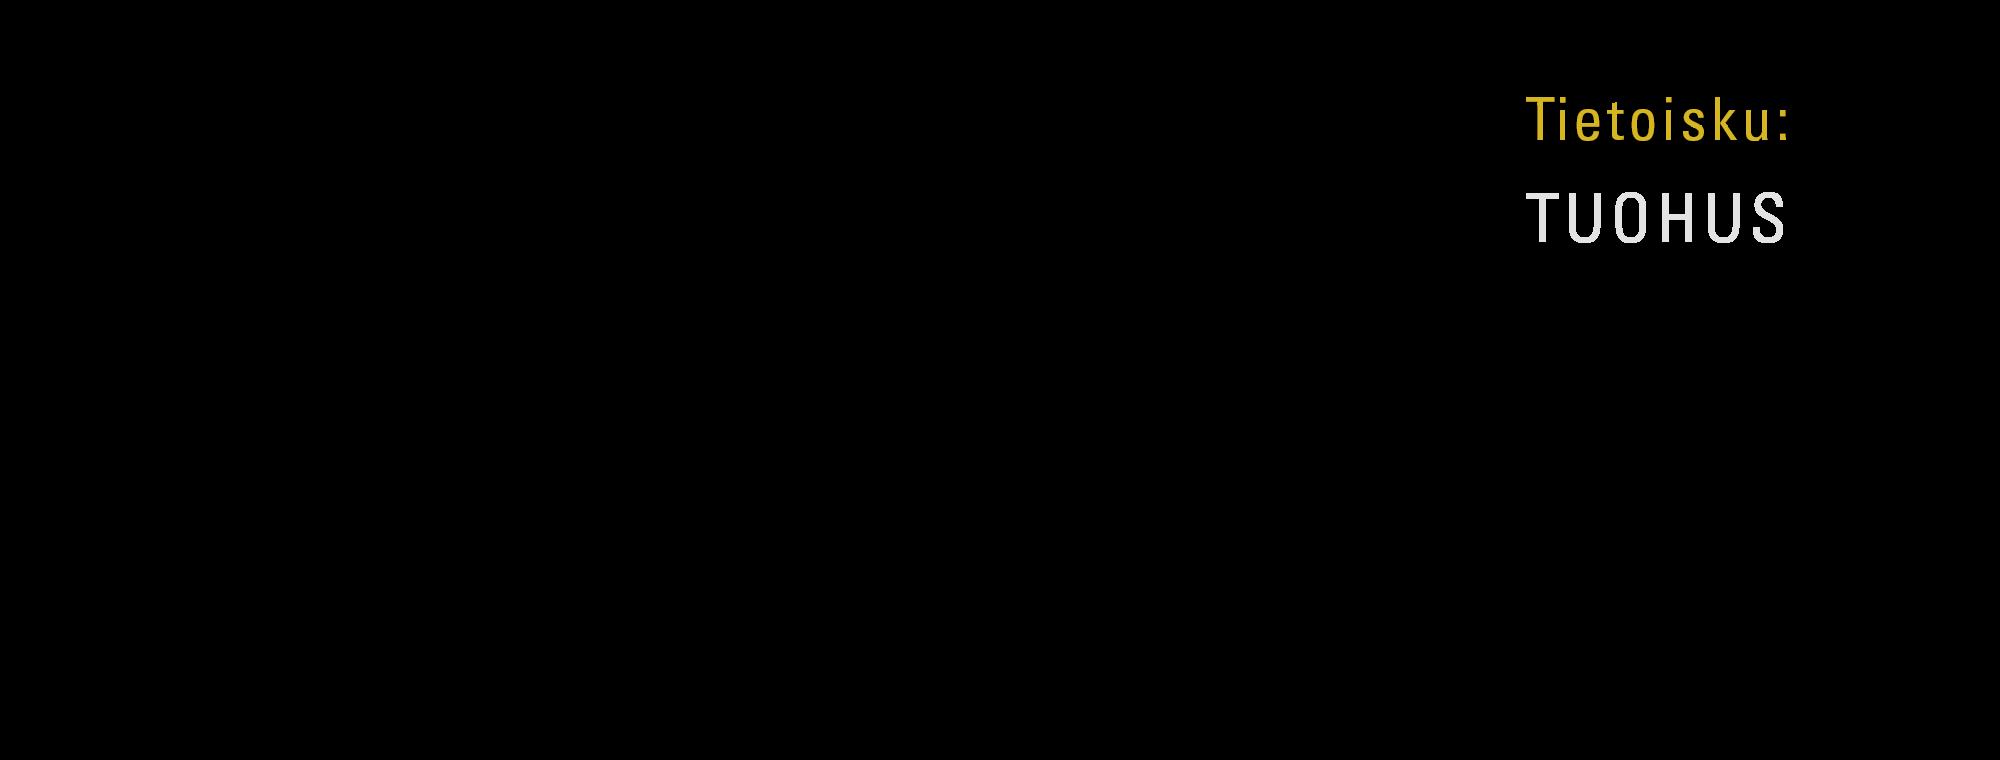 Tuohus